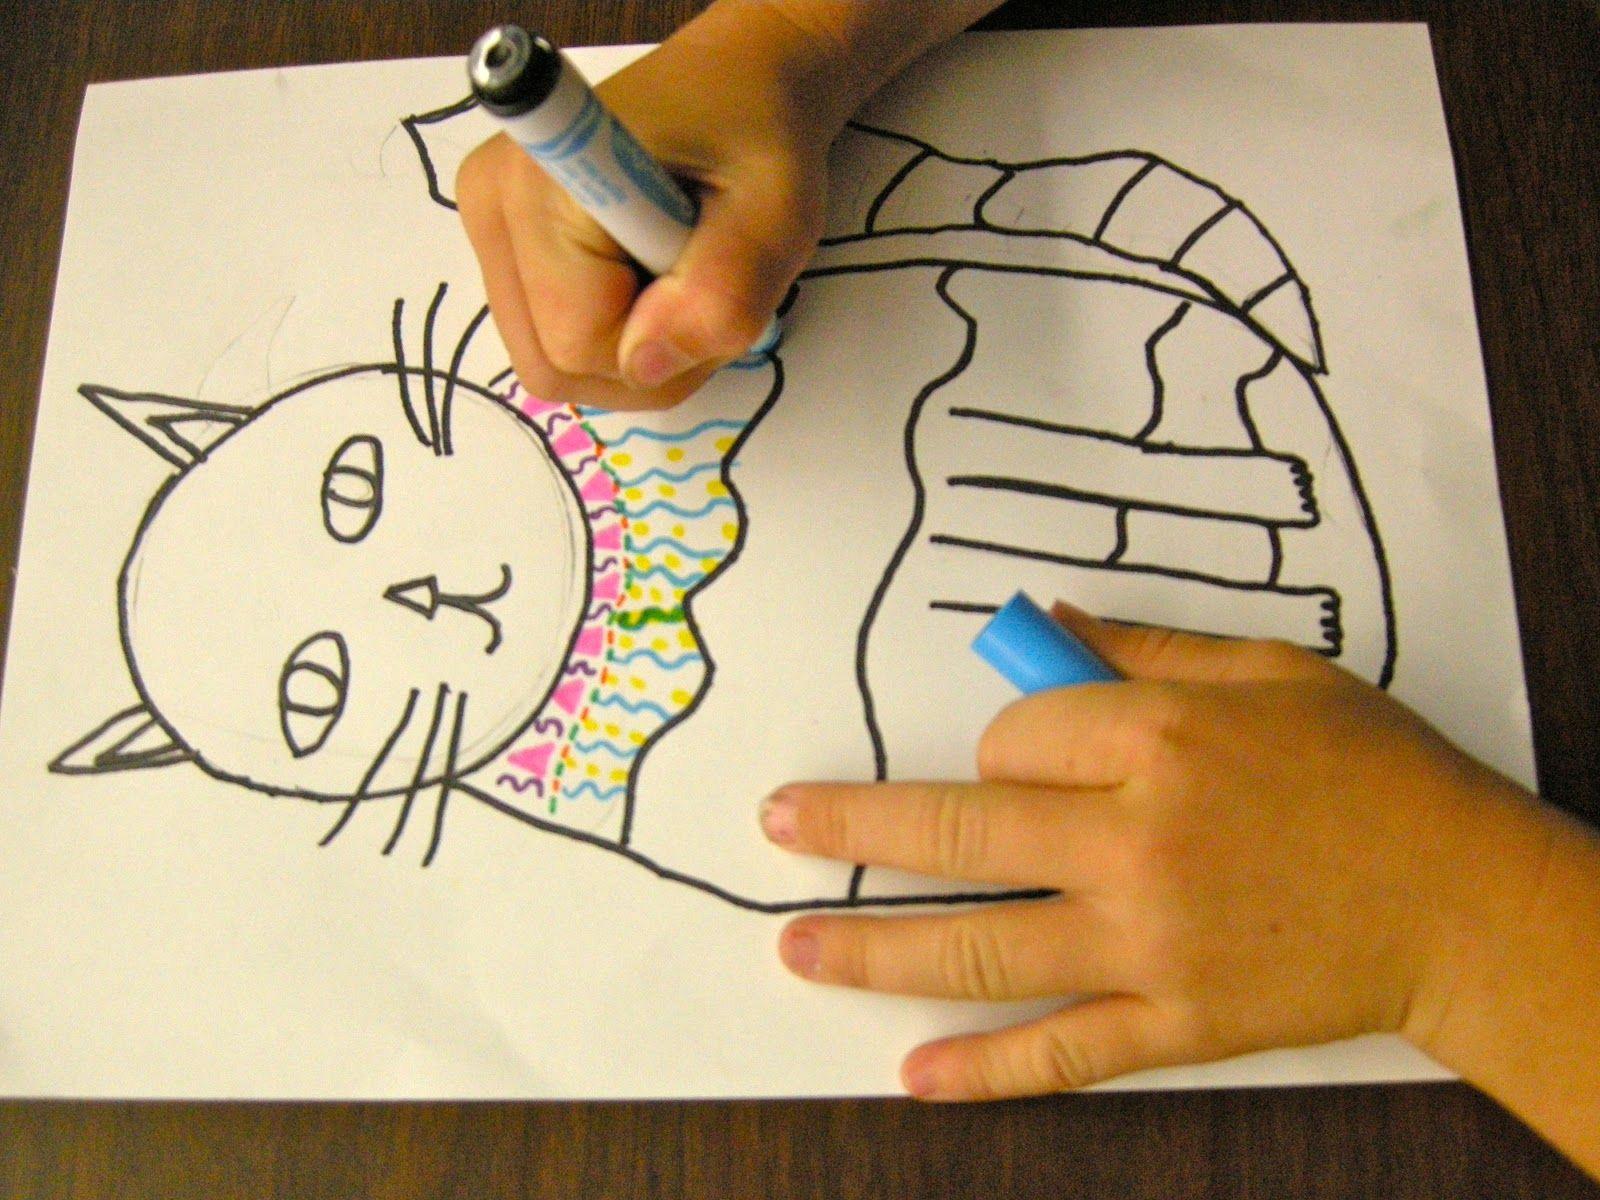 zilker elementary art class classroom art projects art classroom classroom ideas 2nd grade